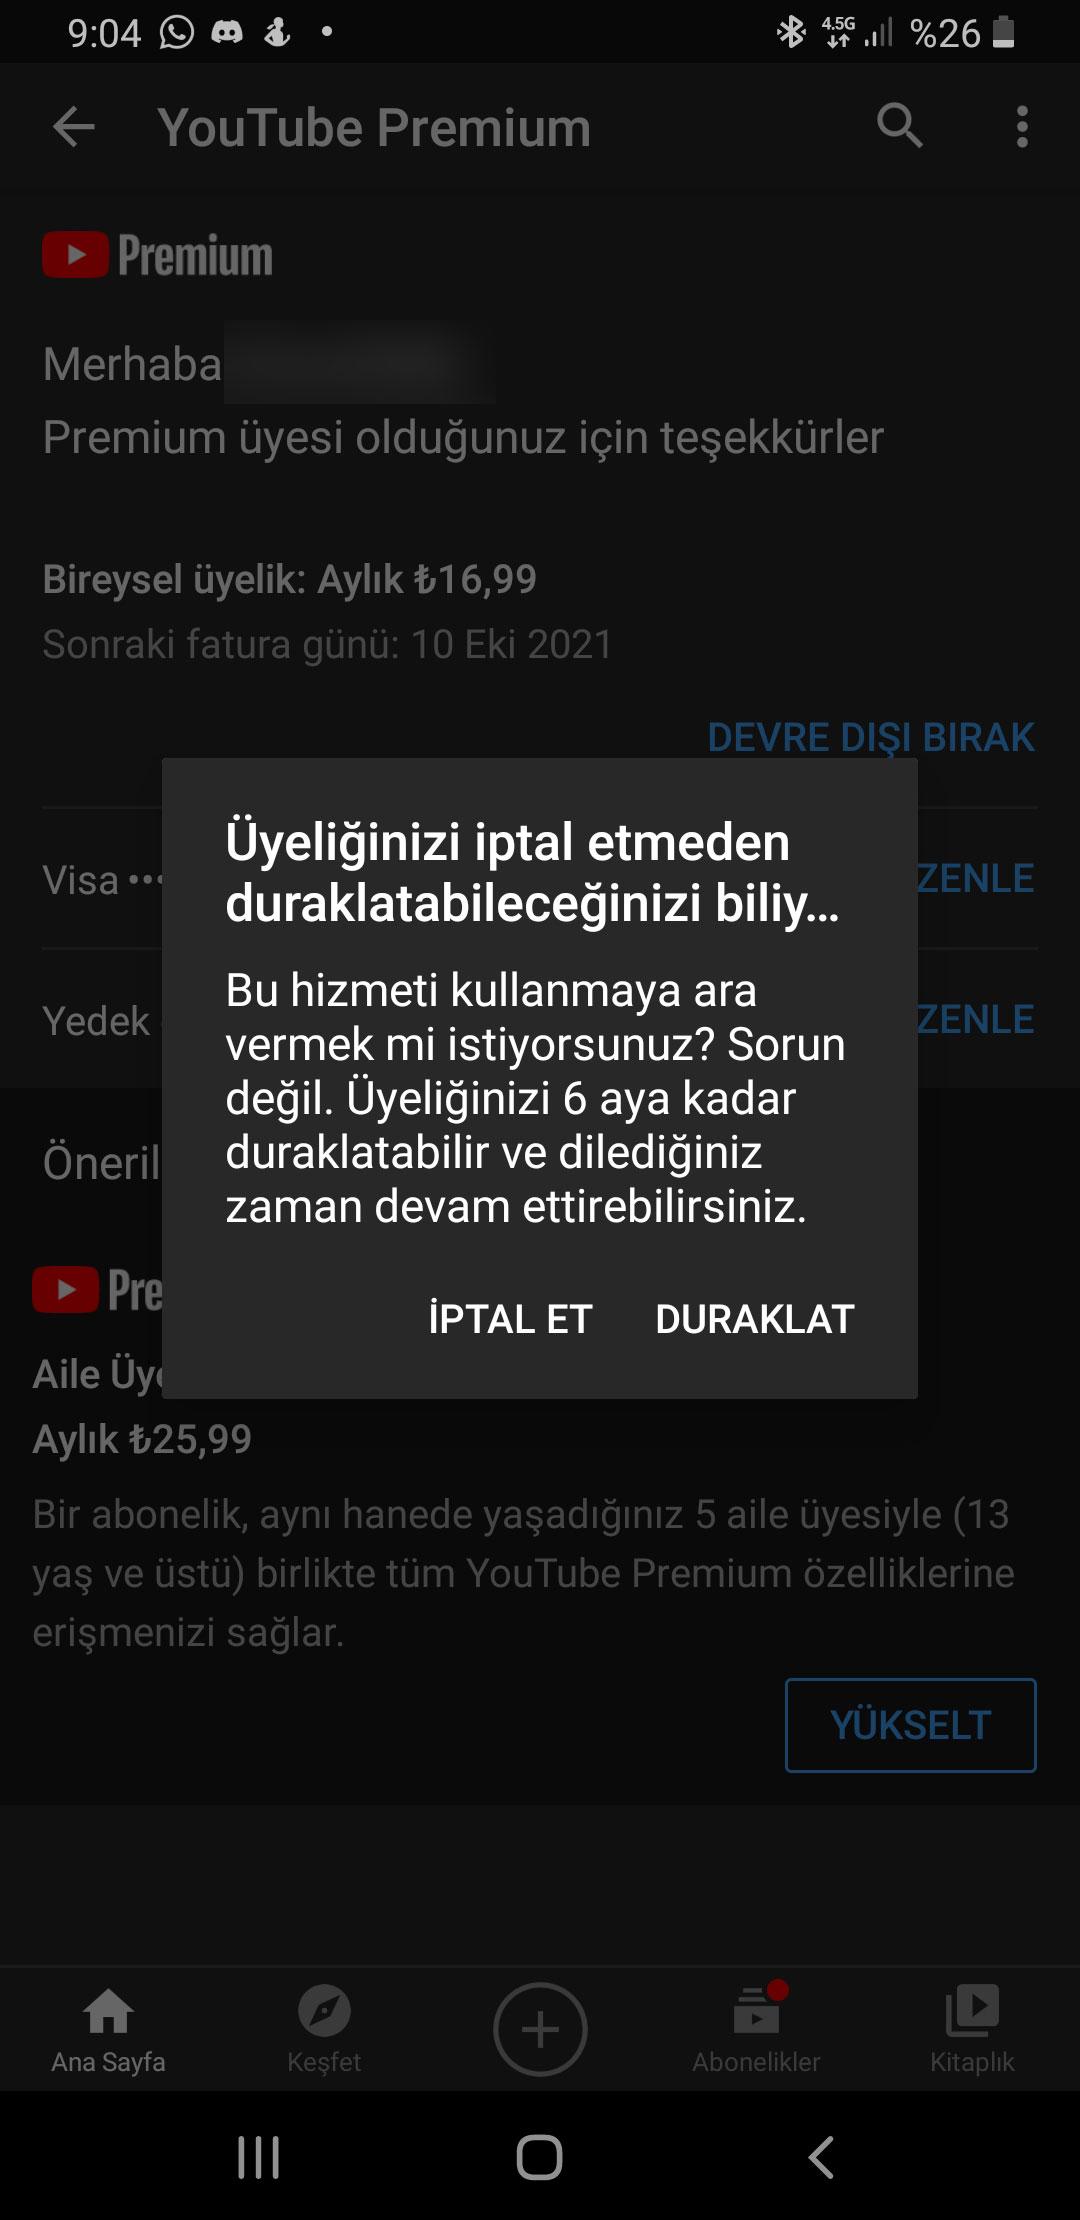 youtube premium üyelik iptal etme